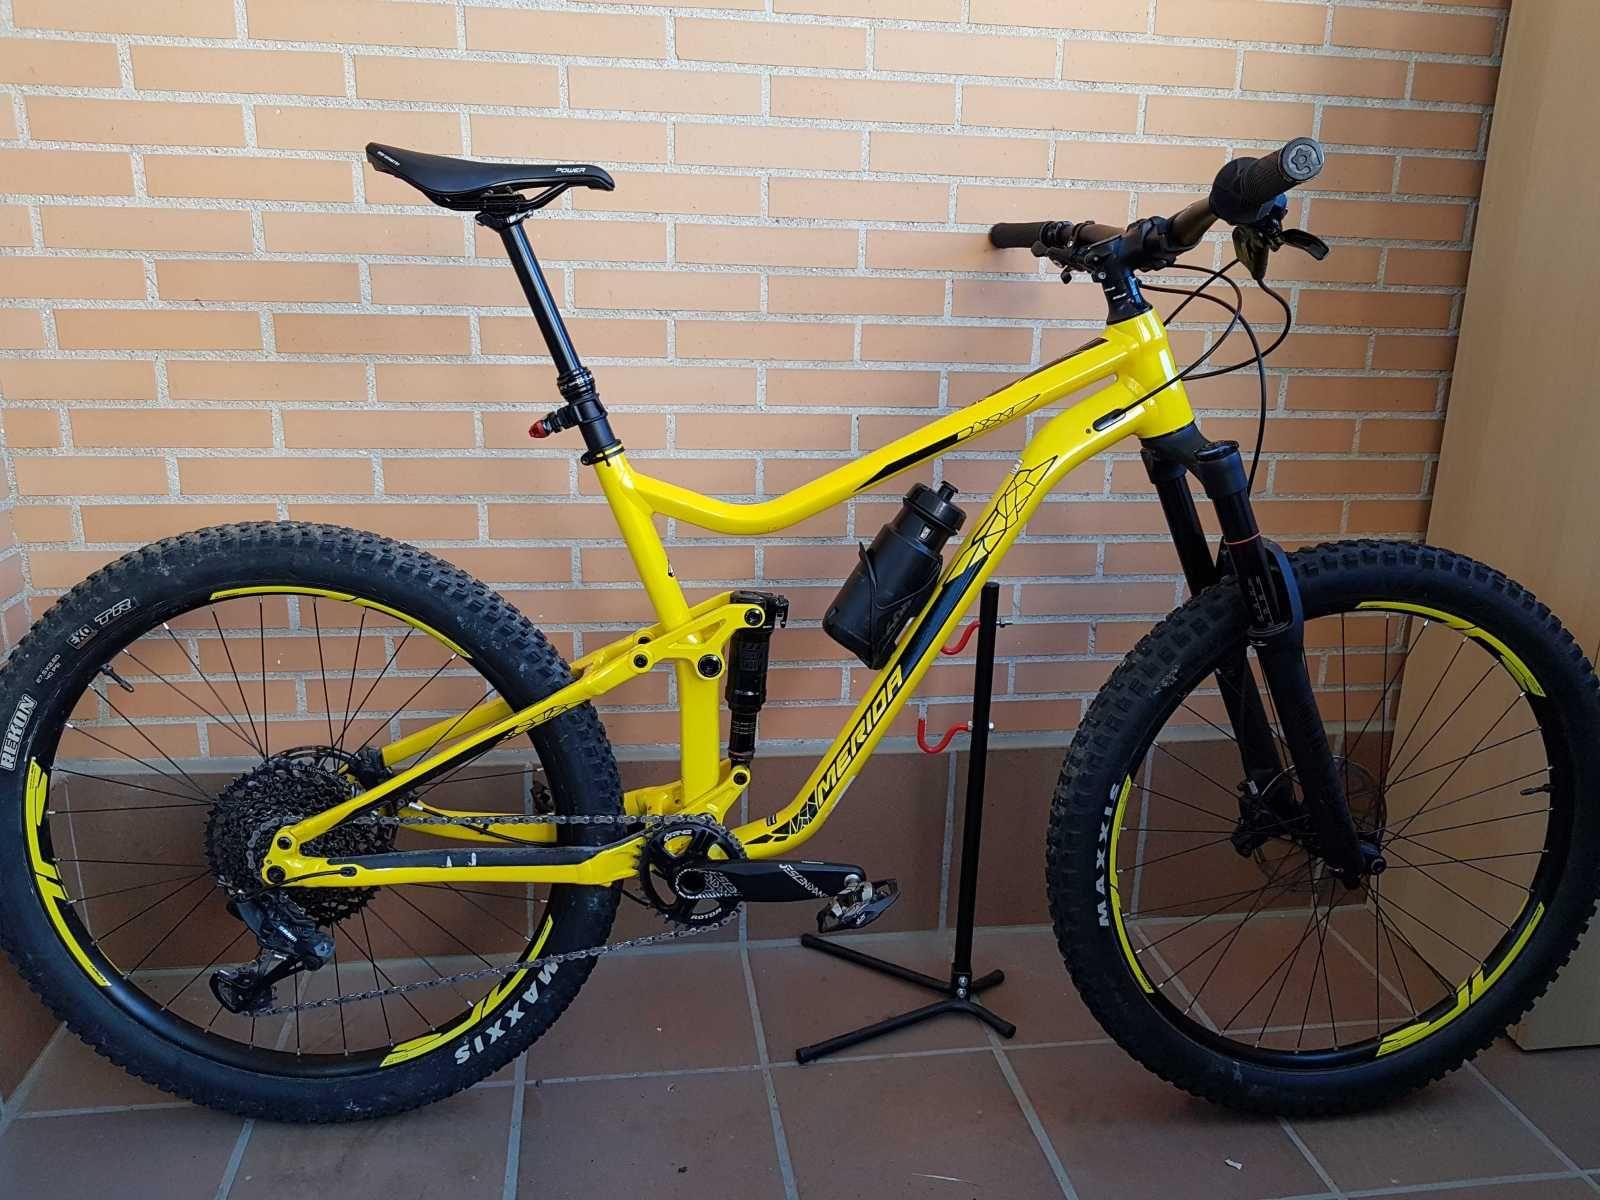 Bicicleta De Montaña Merida One Forty Ref 42455 Talla L Año 2018 Cambio Sram Gx Eagle Cuadro De Aluminio Bicicletas Bicicletas Mtb Bicicletas De Montaña